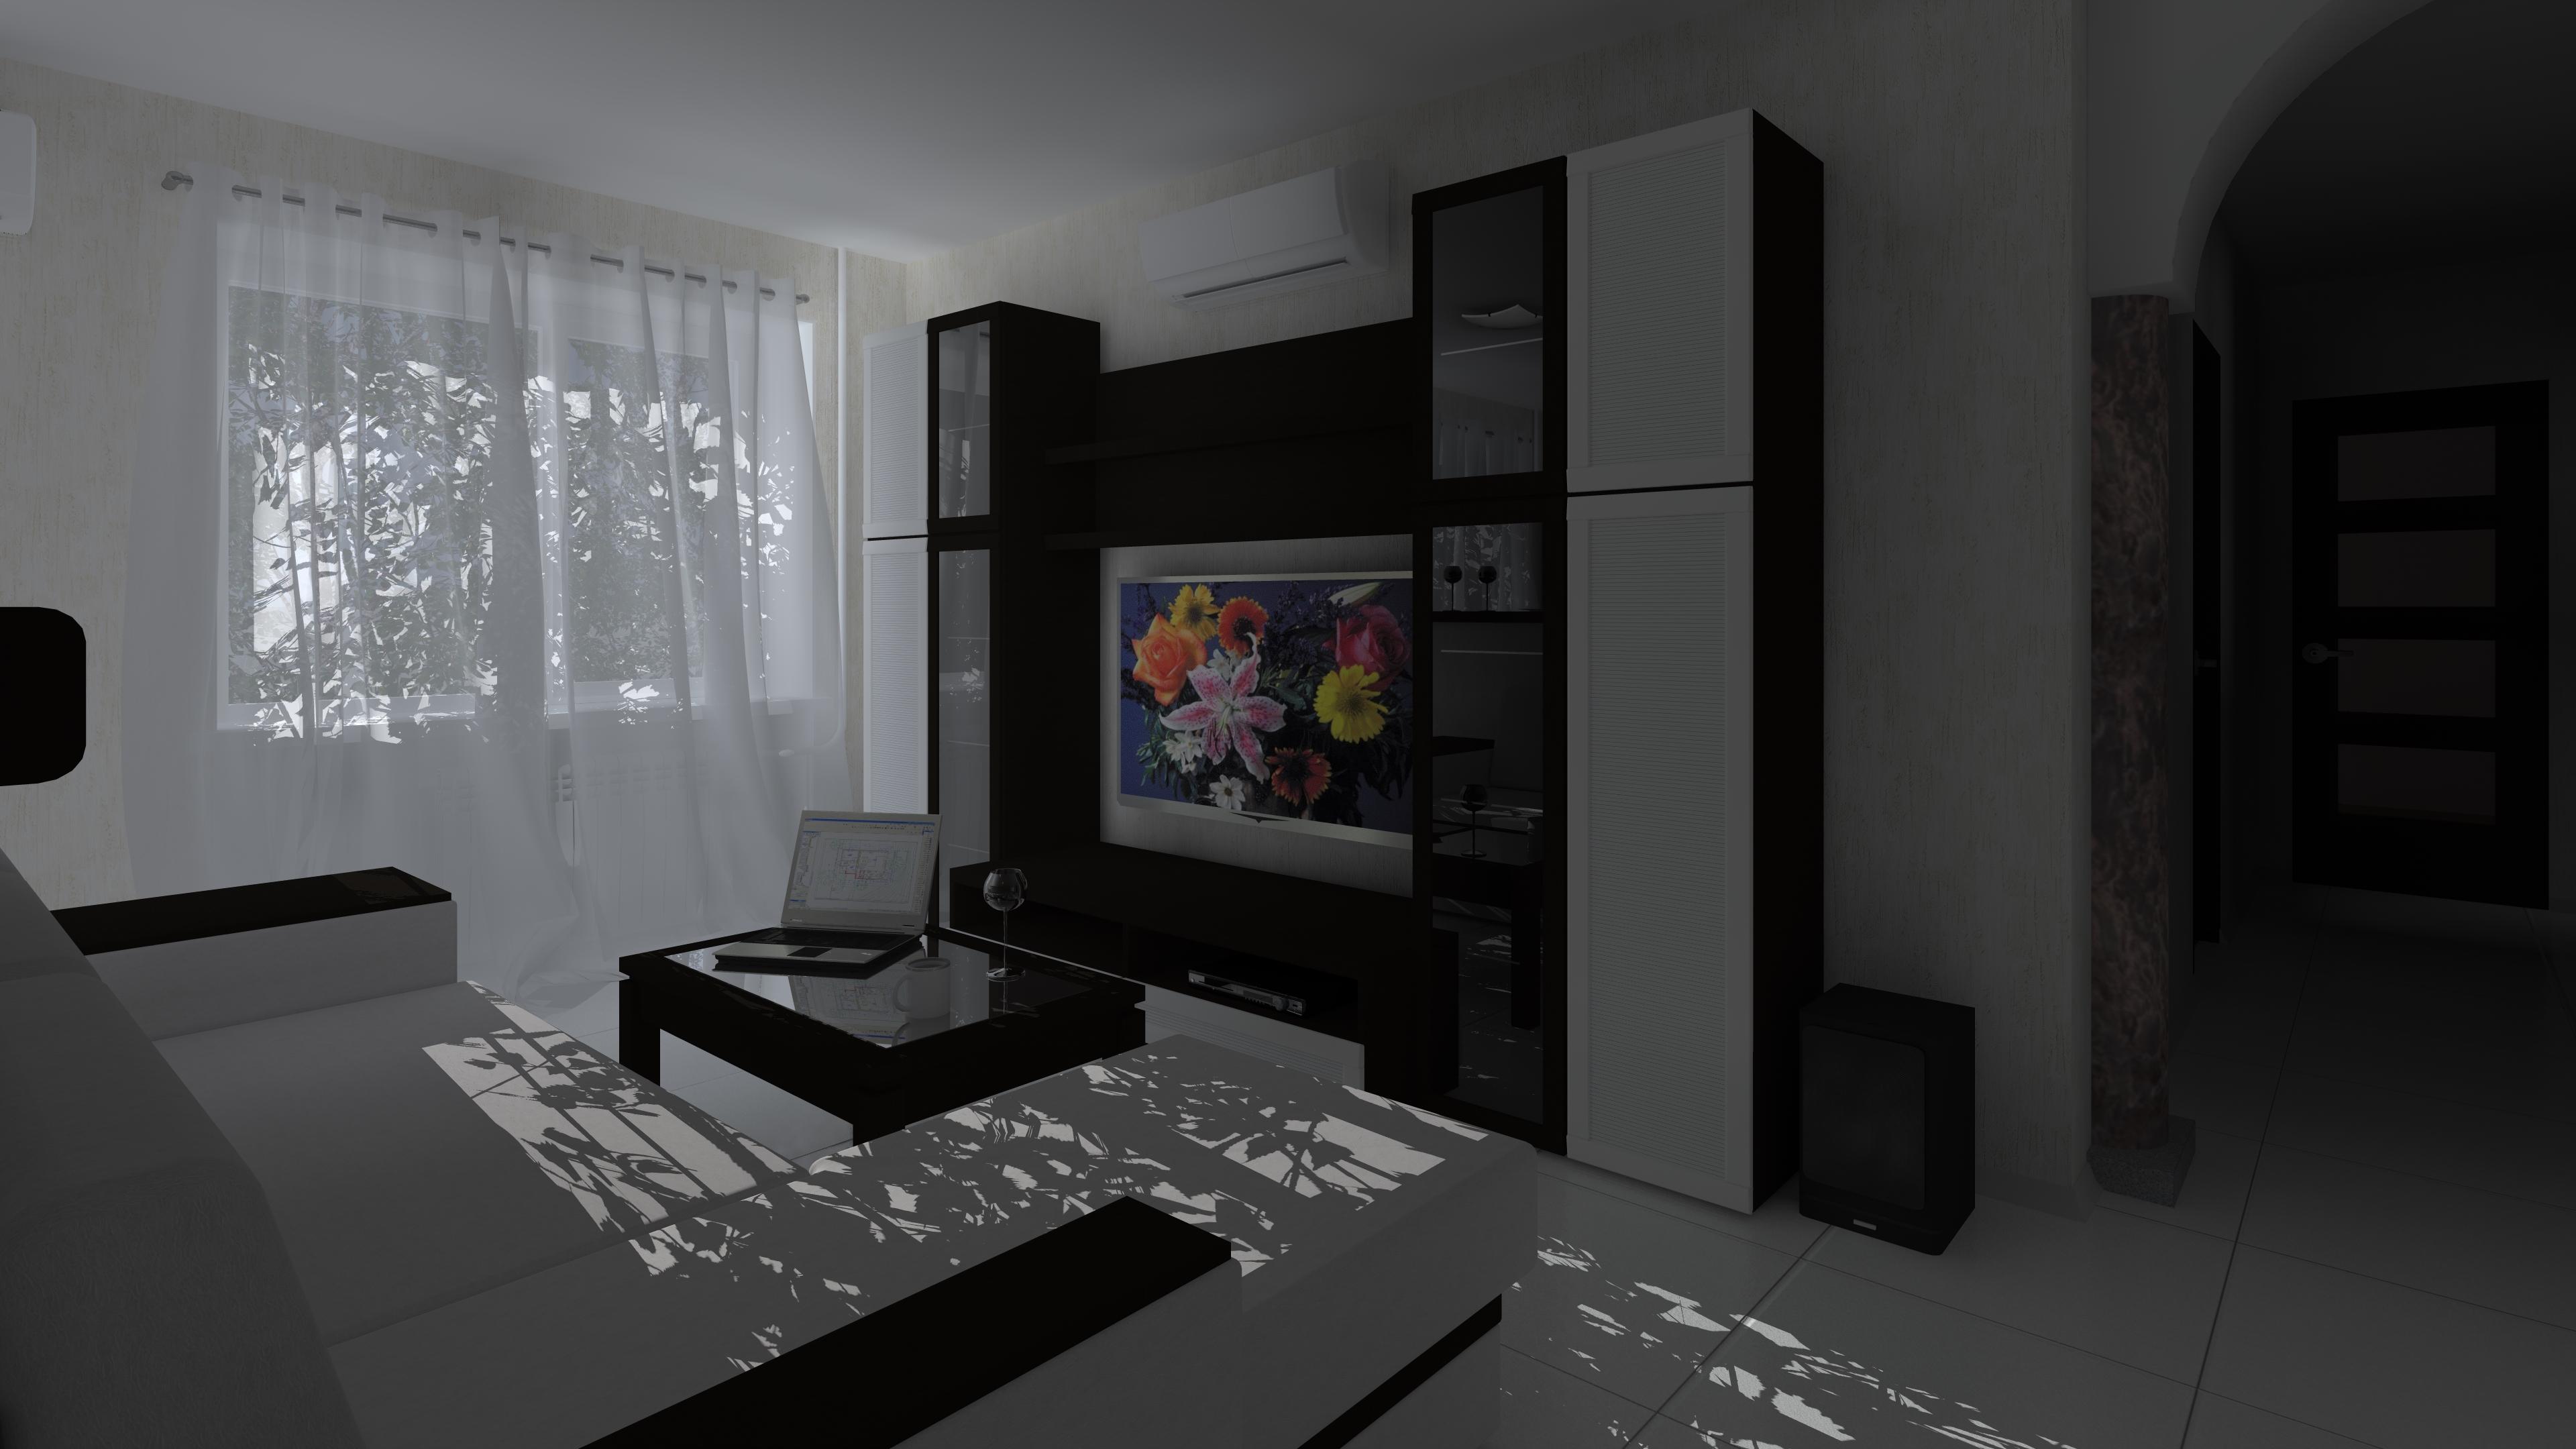 Квартира_PRR_v.4.1_04_ACCamera_2_05